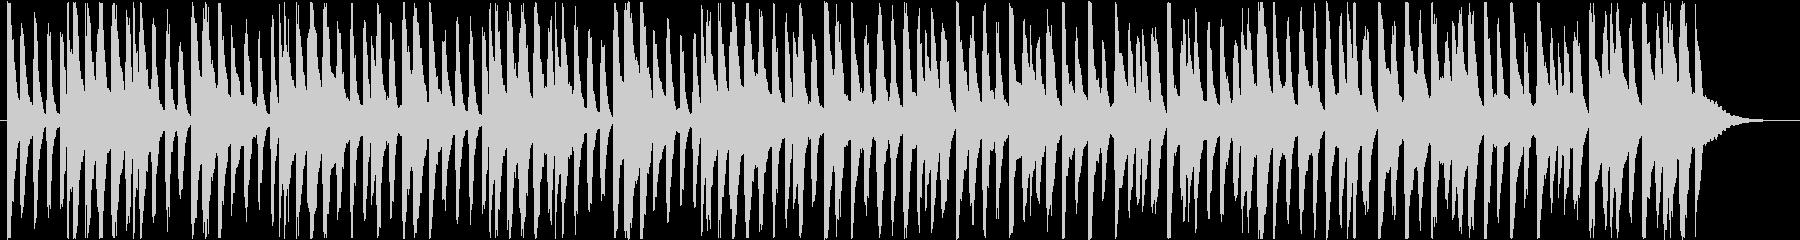 楽しくコミカルなBGM(60秒ver)の未再生の波形